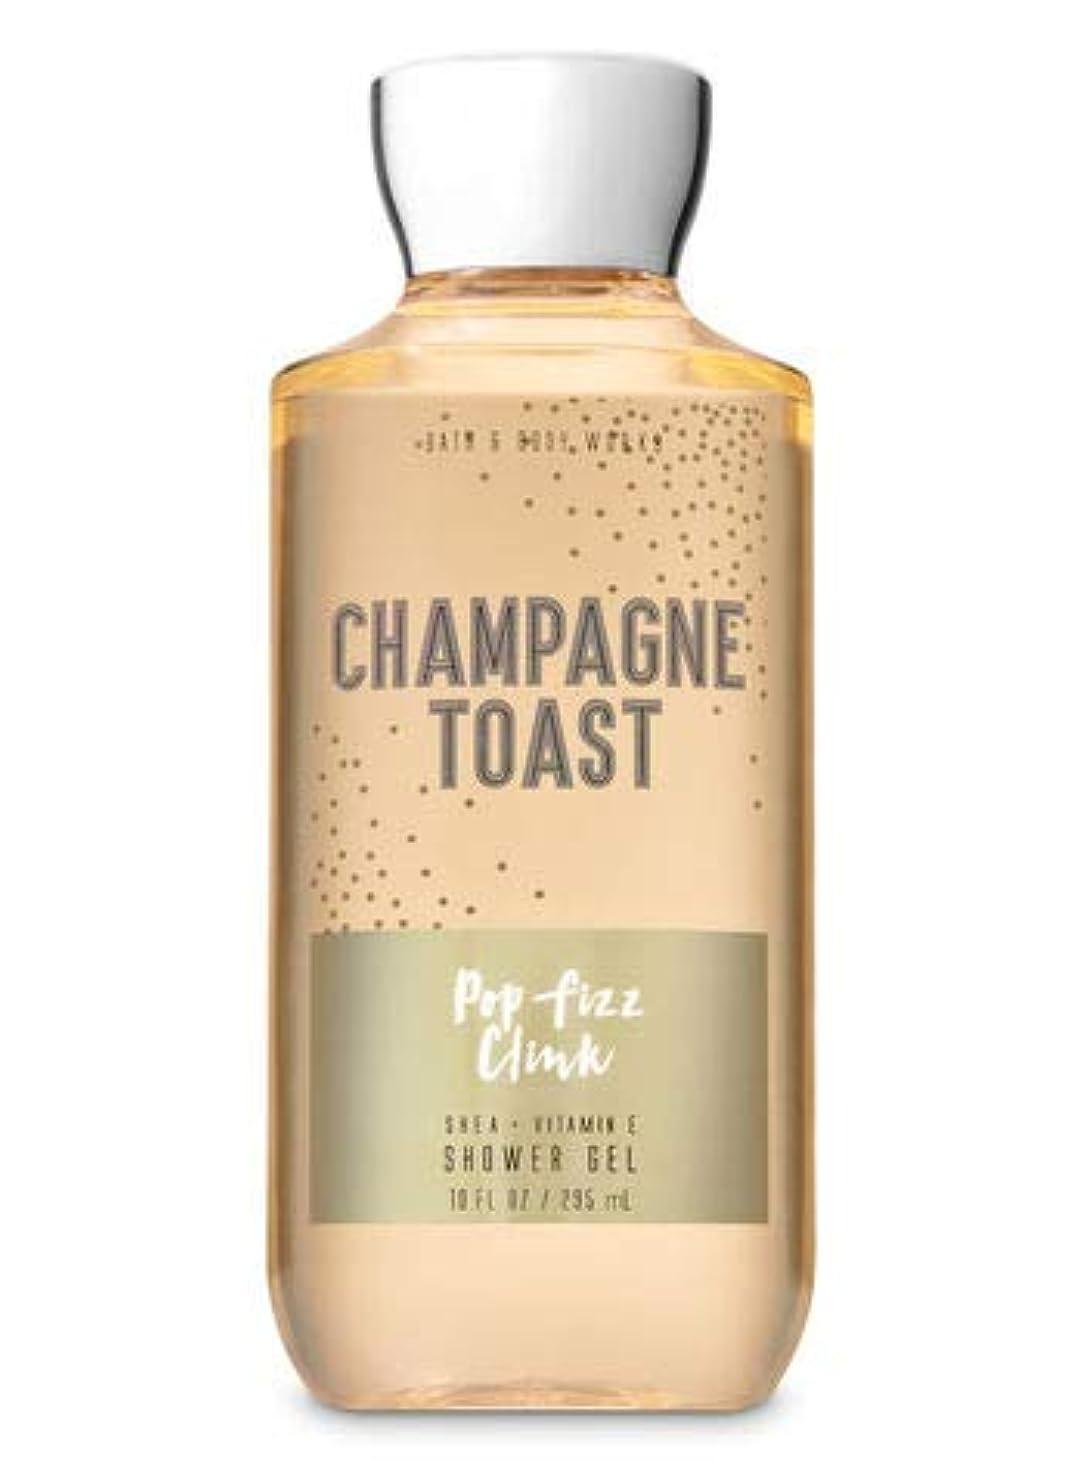 中古国民投票みすぼらしい【Bath&Body Works/バス&ボディワークス】 シャワージェル シャンパントースト Shower Gel Champagne Toast 10 fl oz / 295 mL [並行輸入品]